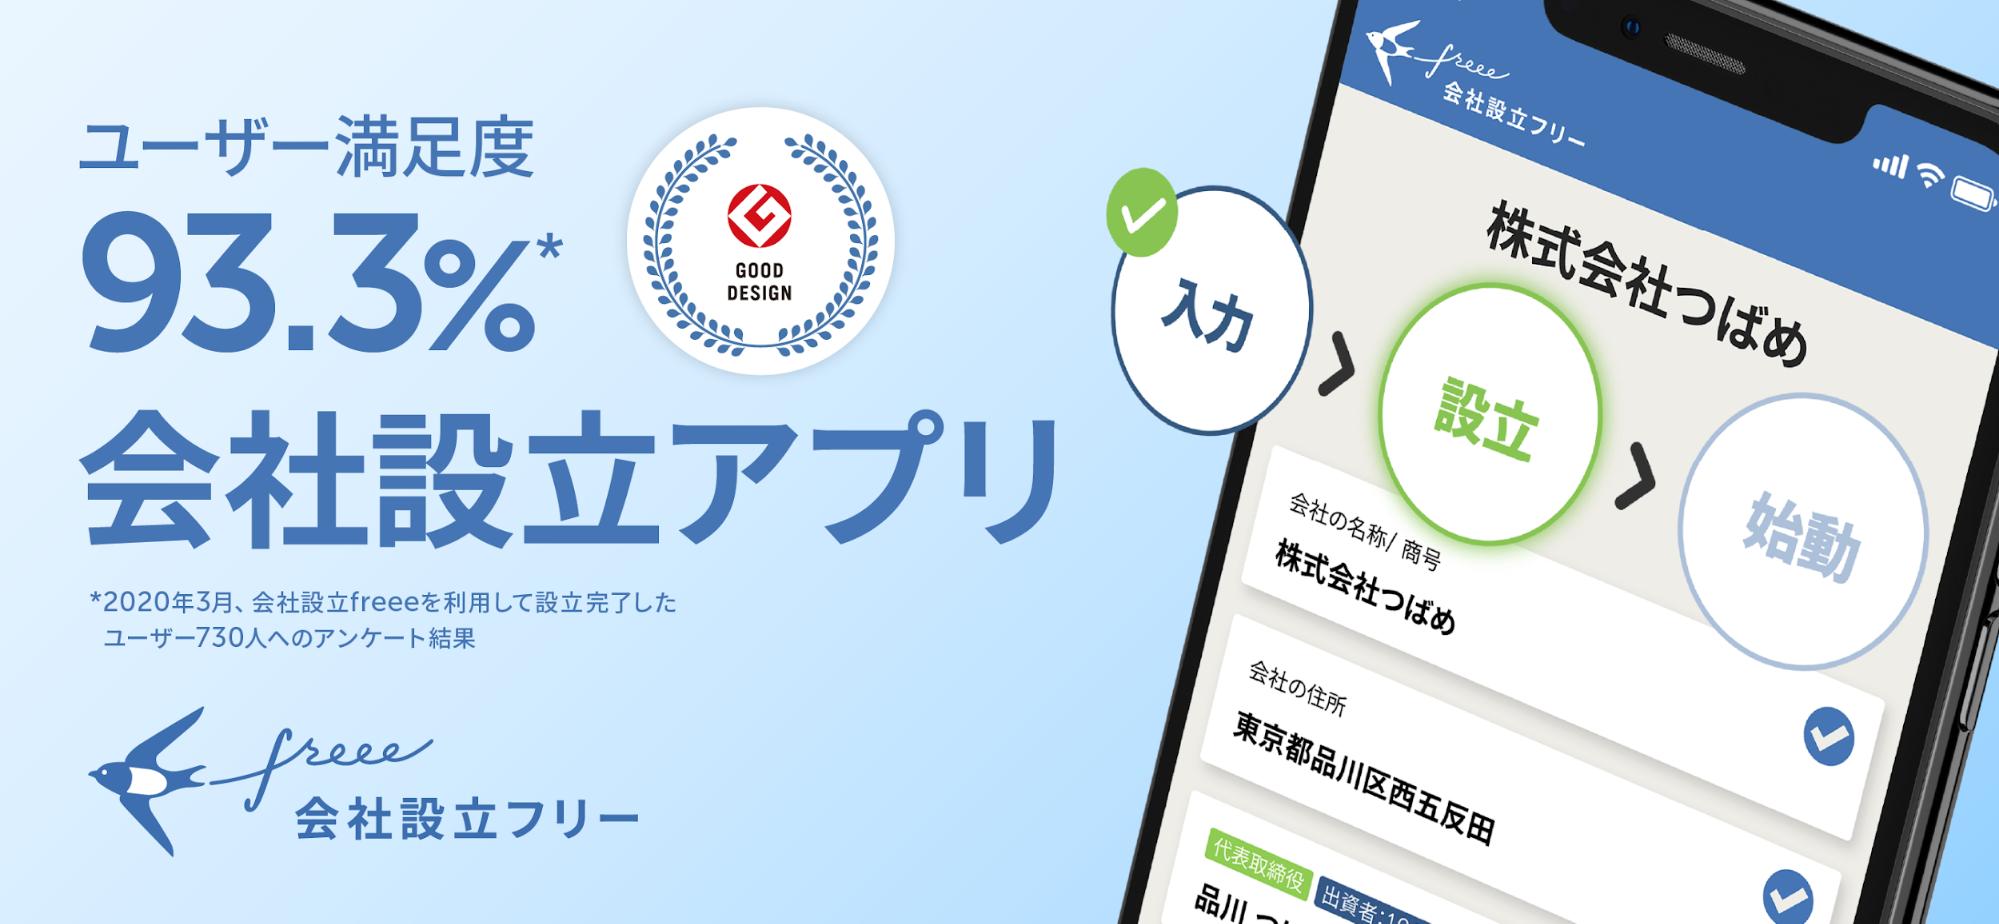 会社設立アプリ